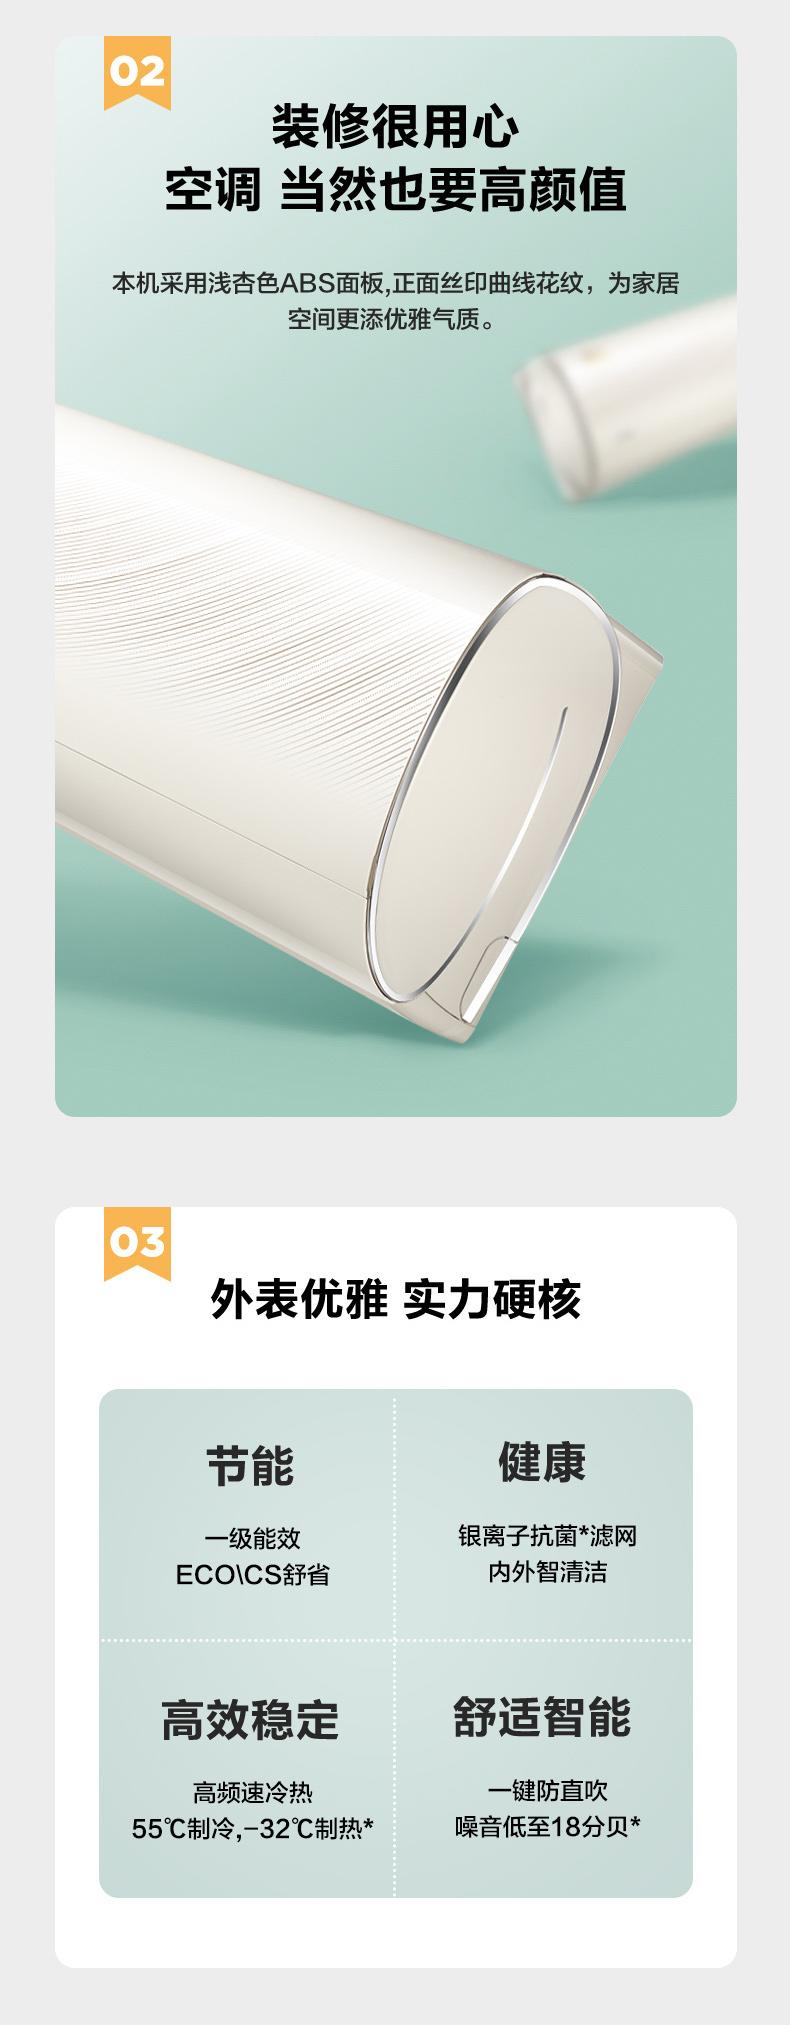 昆明壁挂式空调多少钱